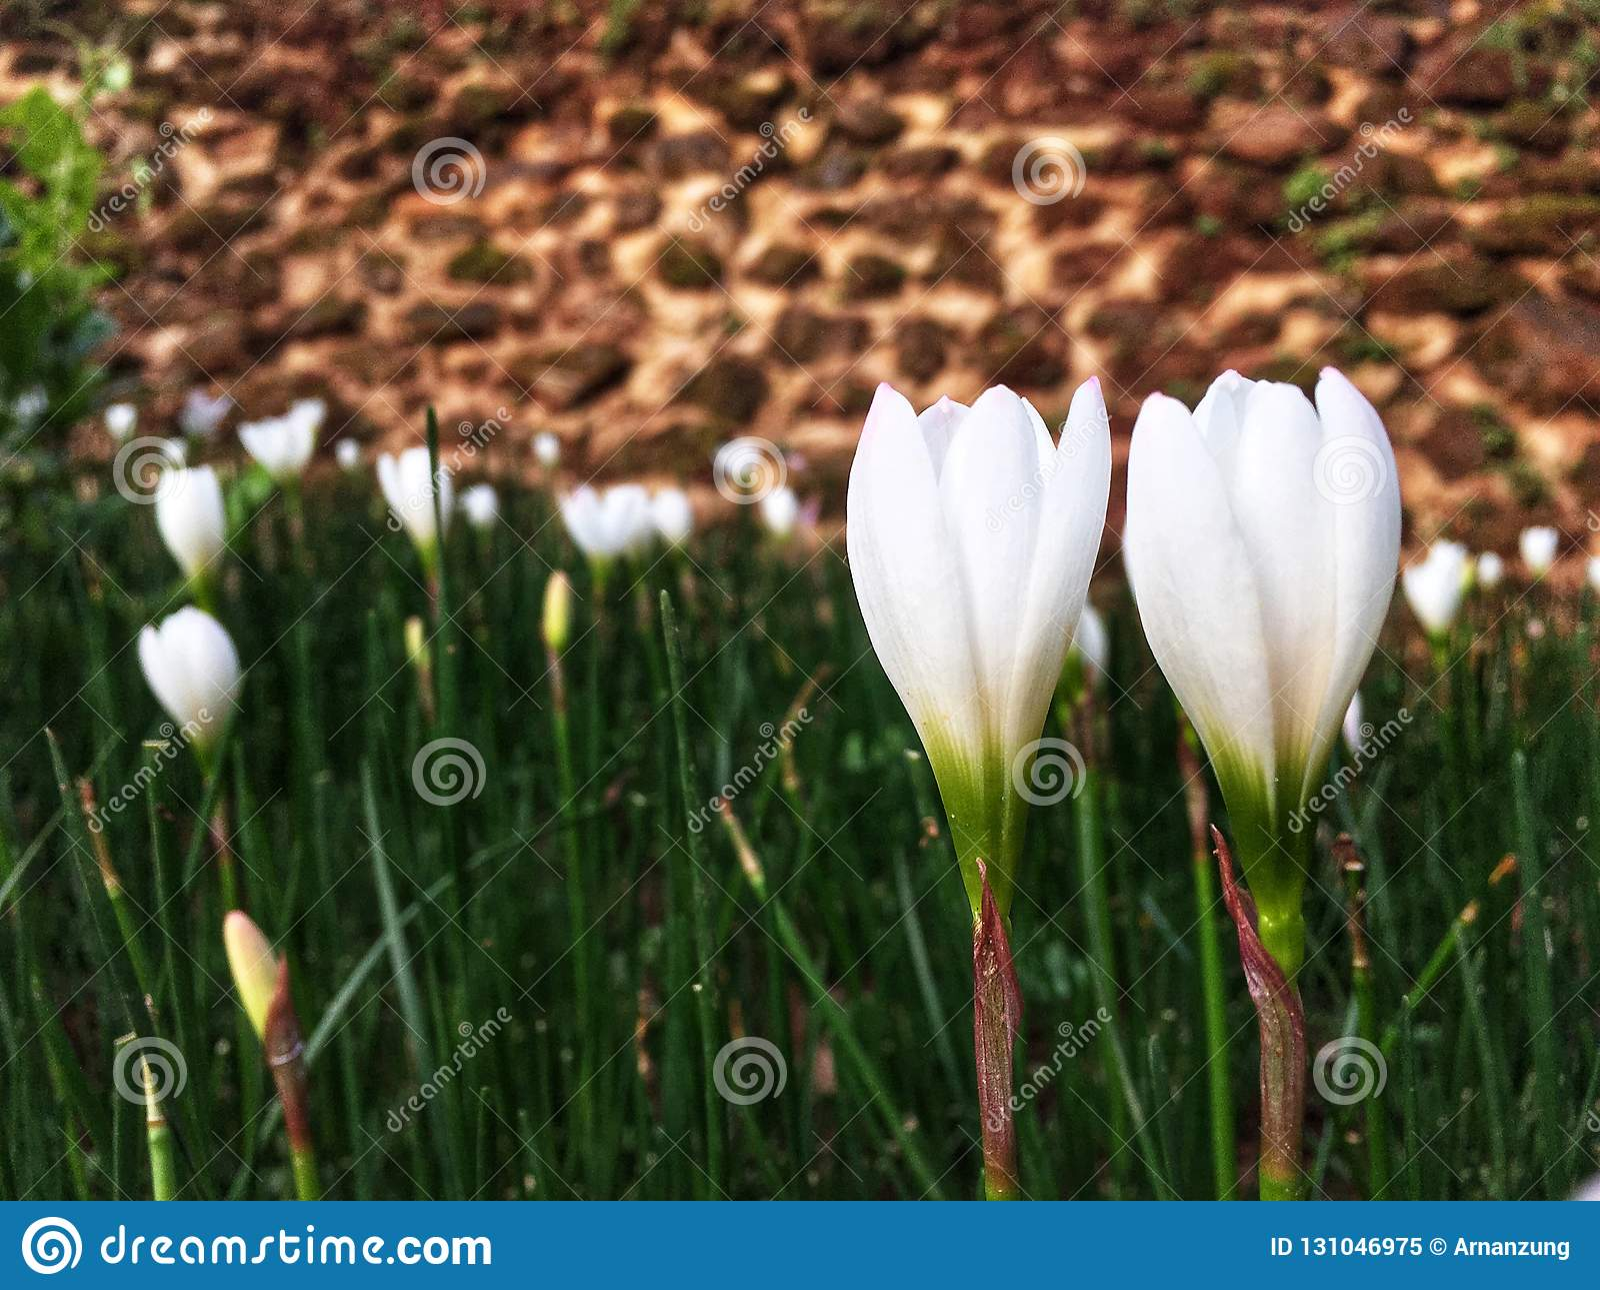 Coppia i fiori bianchi del croco che fioriscono nel giardino nella stagione delle pioggie